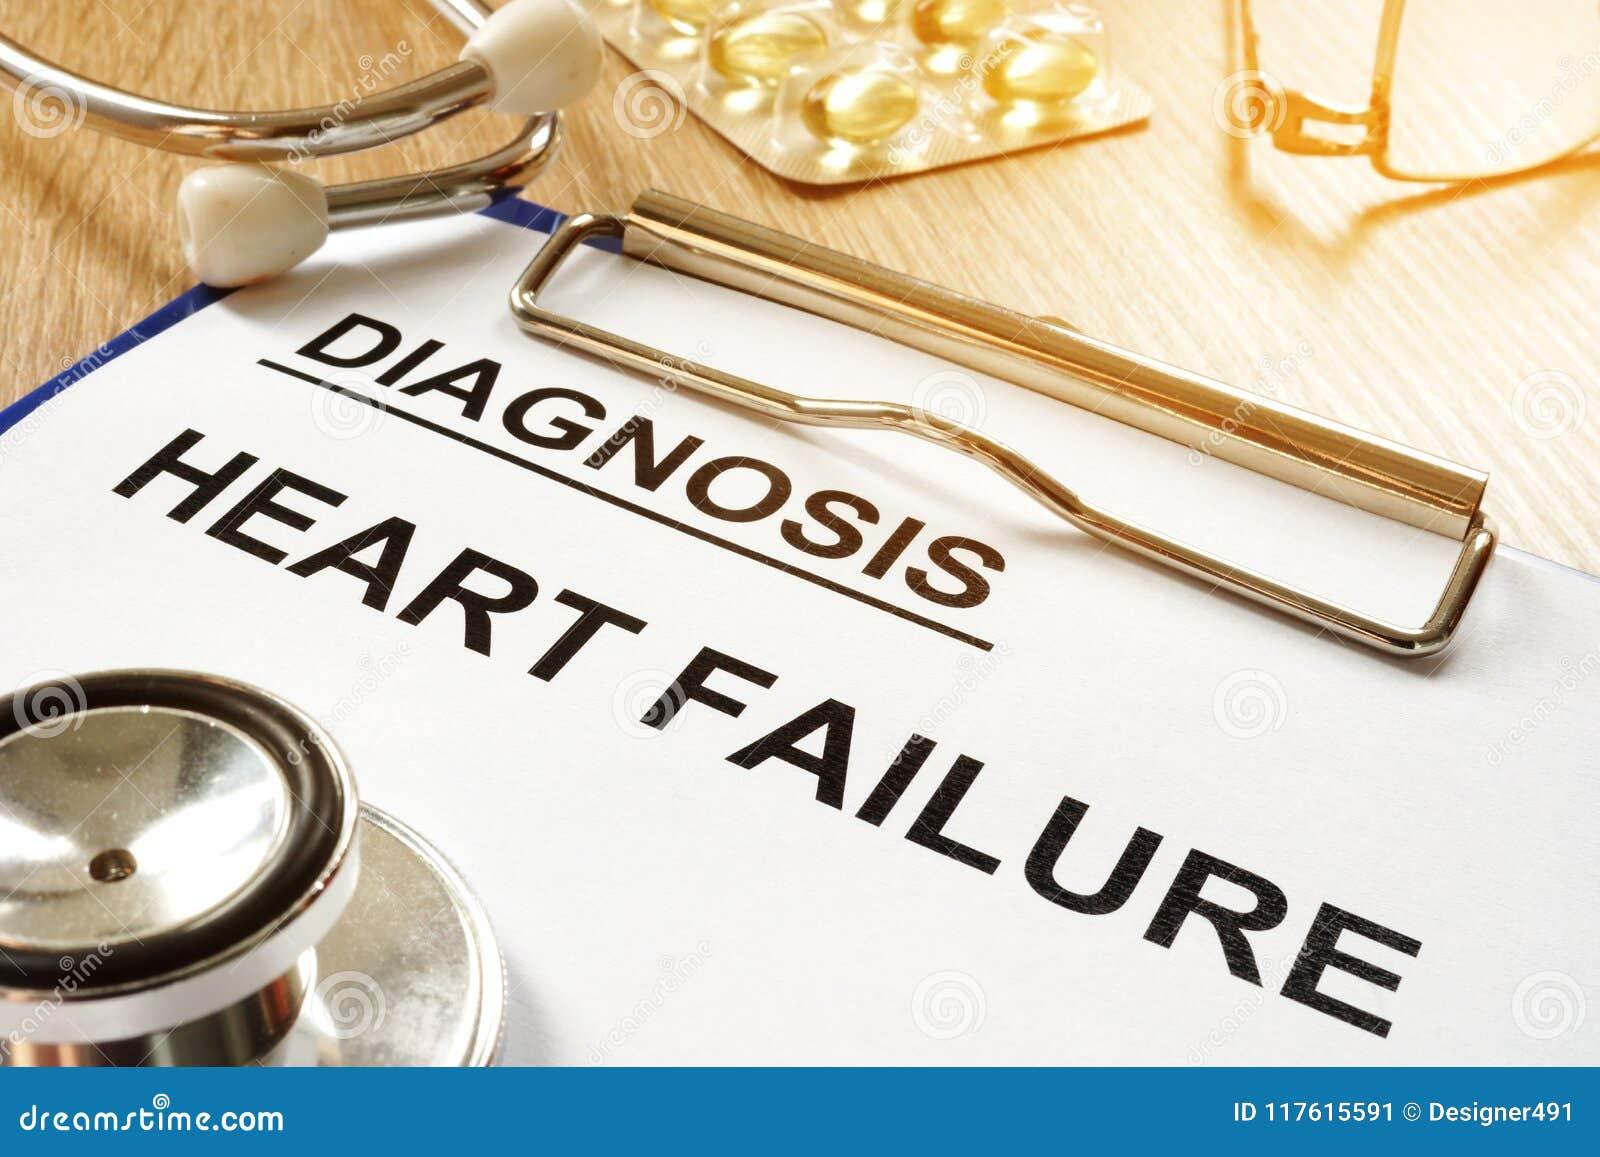 Diagnóstico da parada cardíaca com prancheta